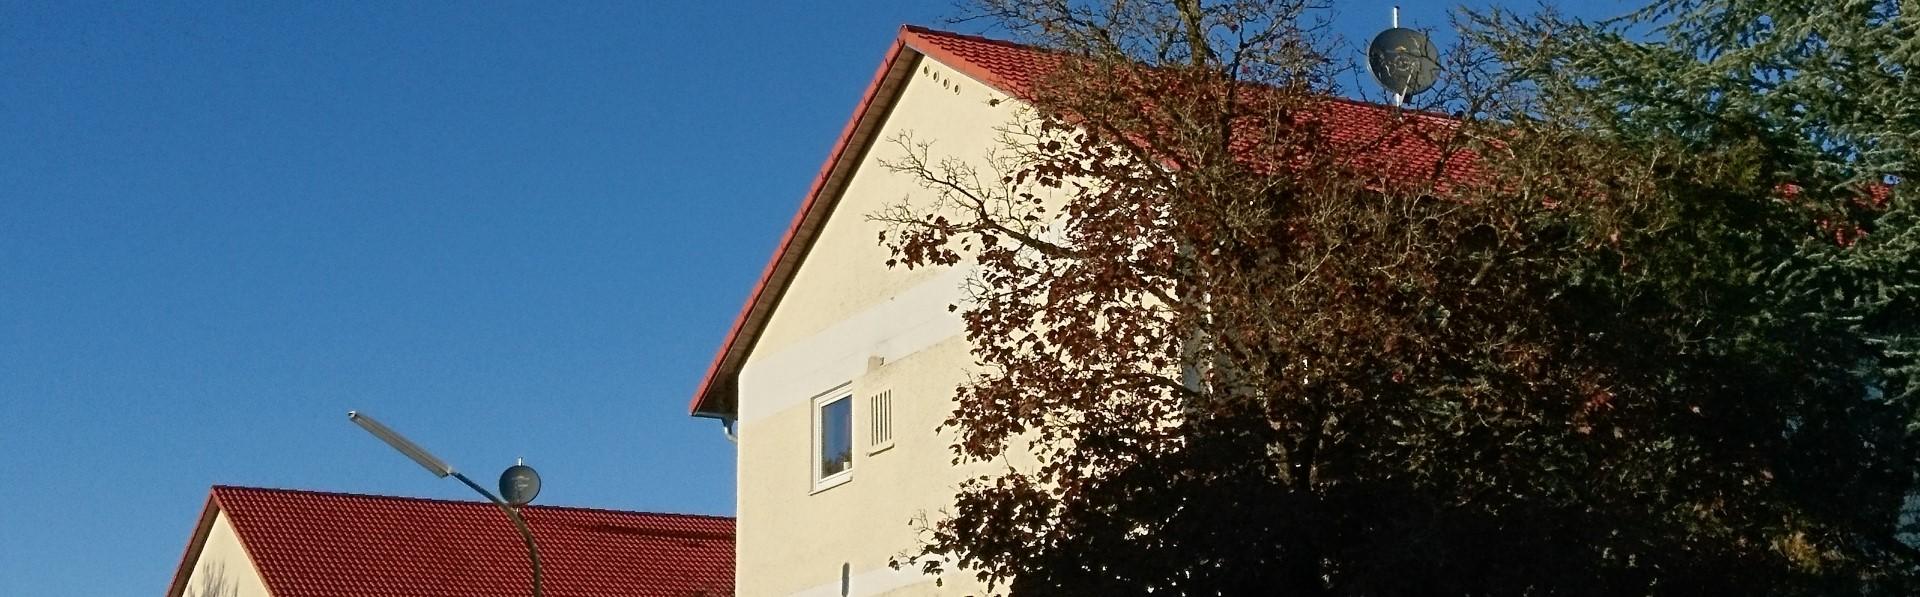 Satelitenschüsseln - Reparatur - Verkauf - Installation - Wolfratshausen - Geretsried